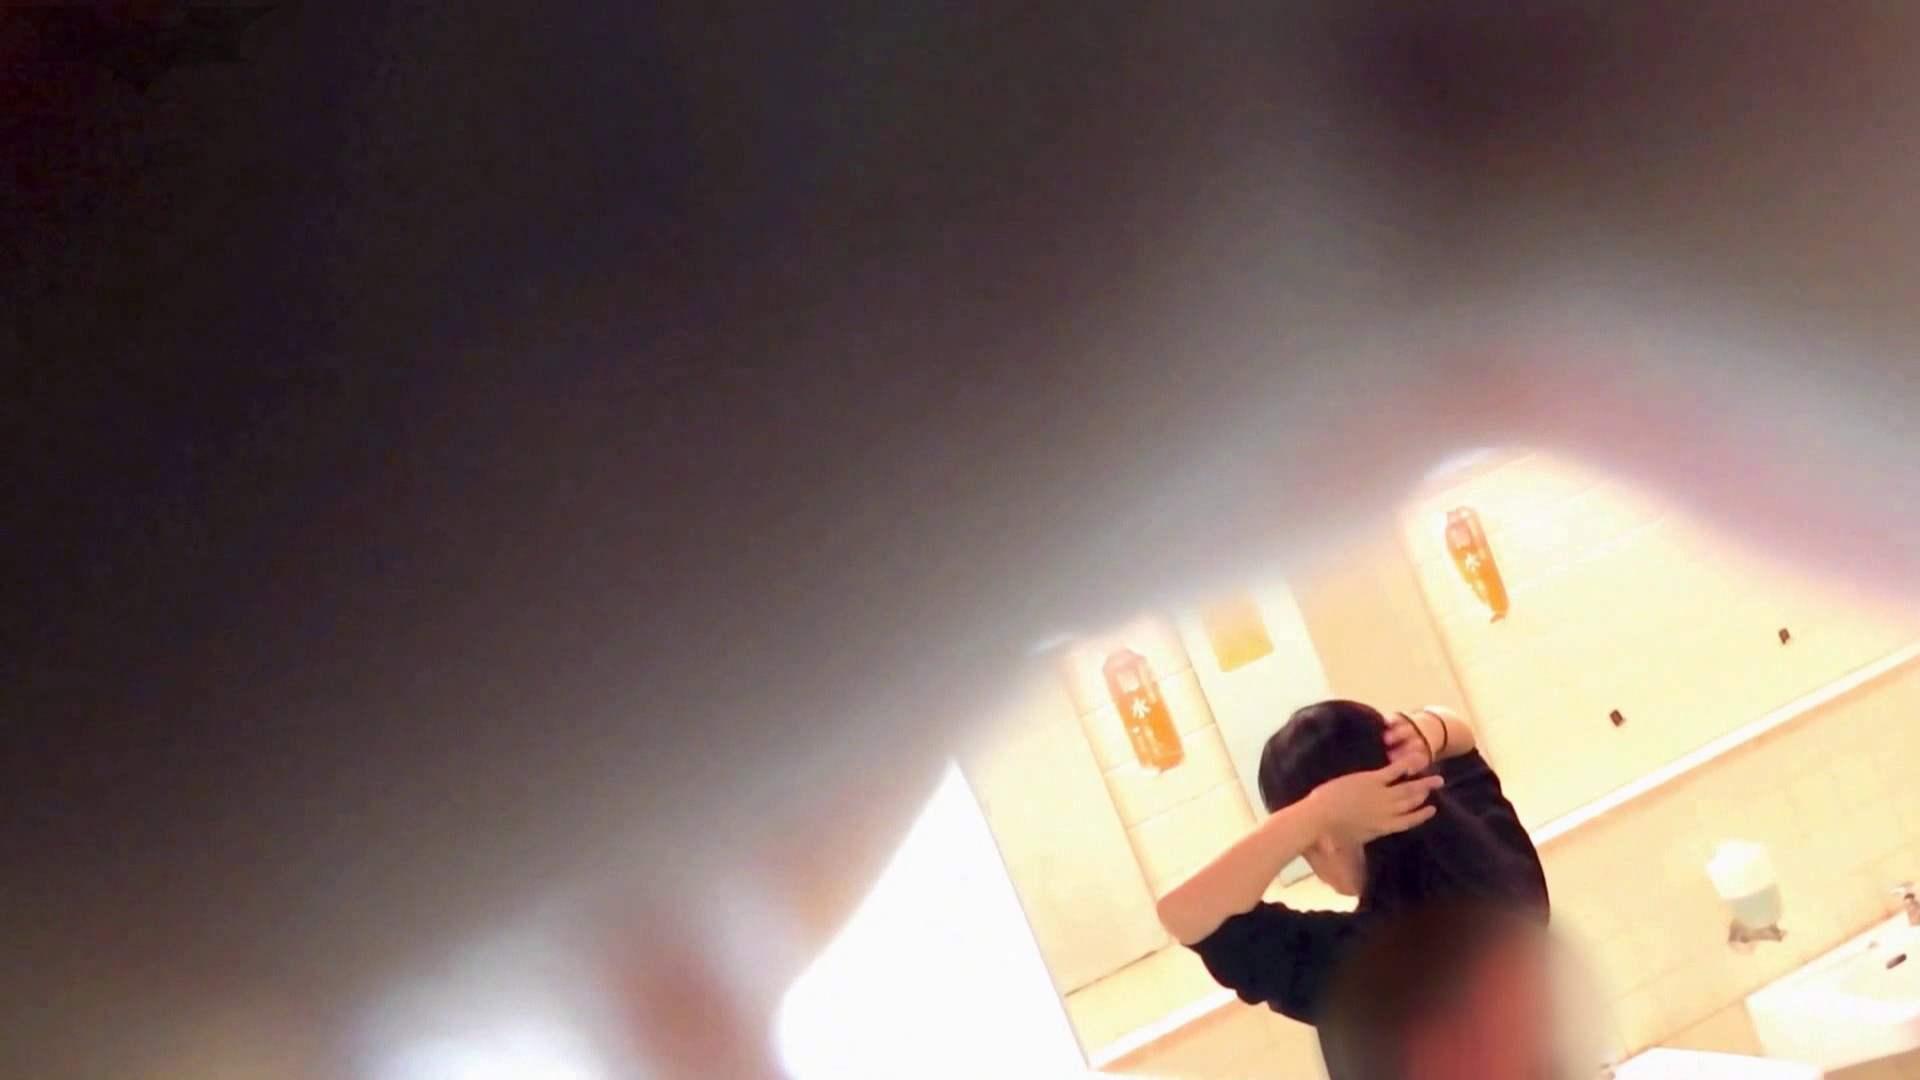 第三体育館潜入撮File009 珍しい!左手で御尻を広げながら右手で拭く 丸見え アダルト動画キャプチャ 67画像 12